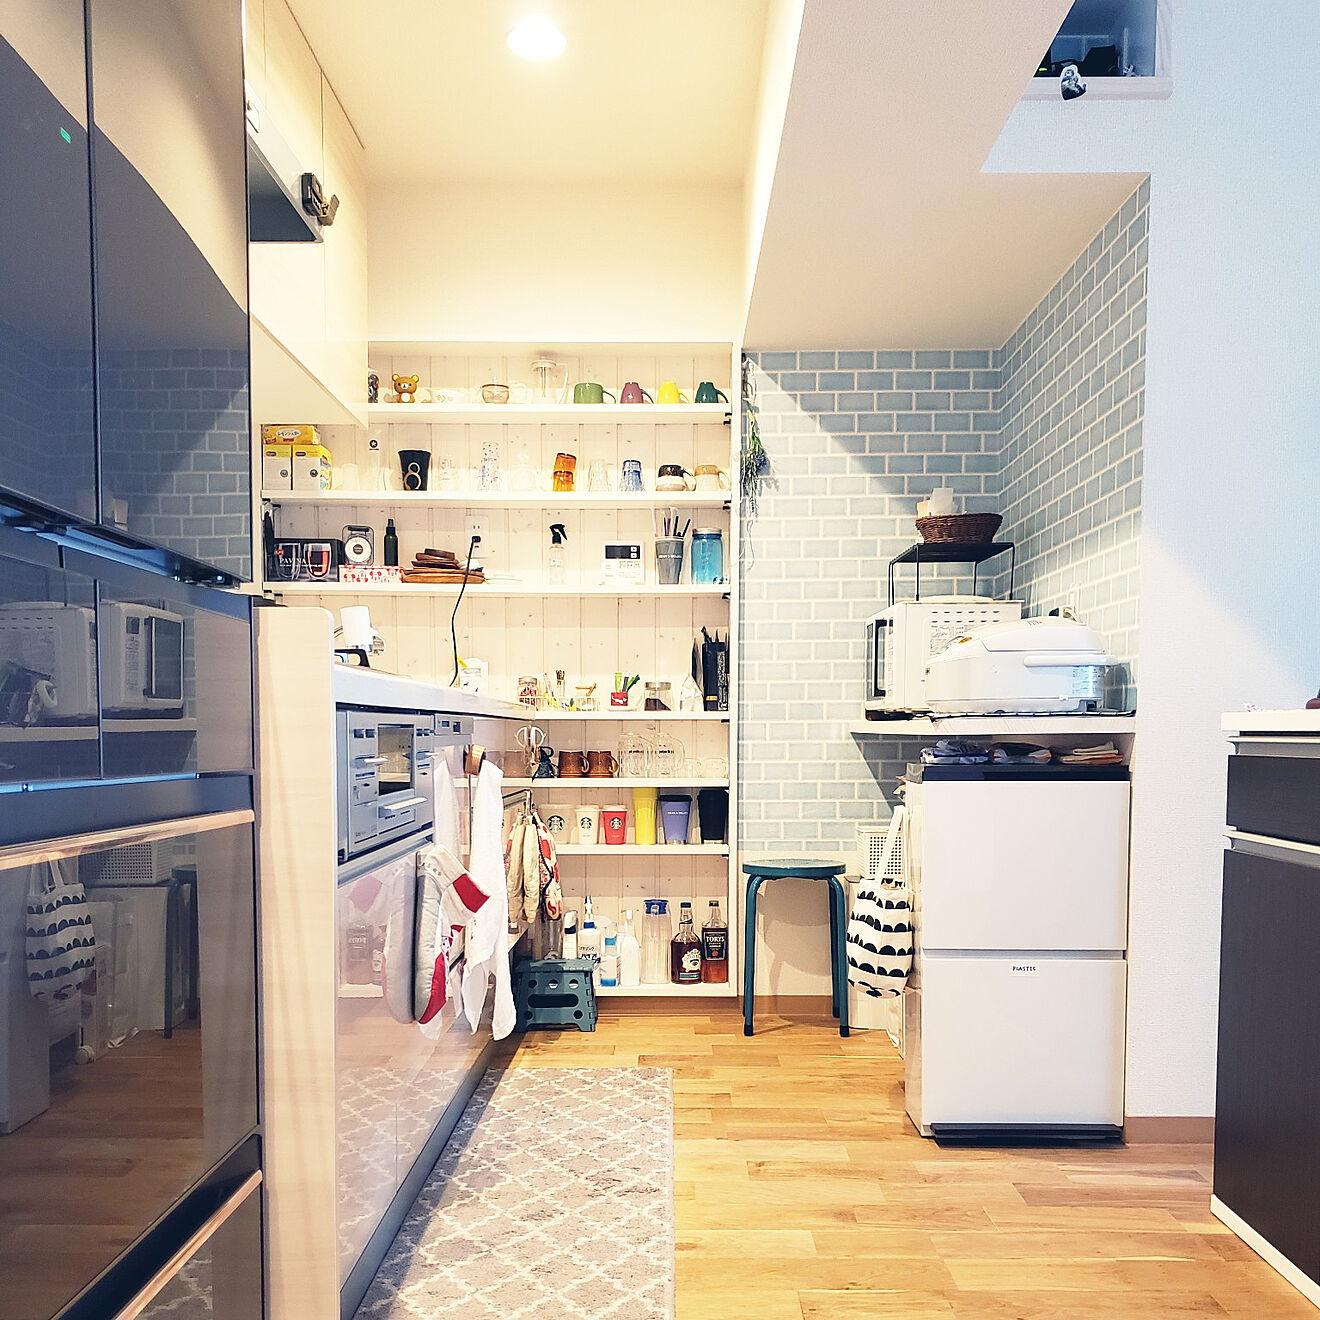 「バーカウンターが良い仕事♪見映えも機能も整ったスッキリ快適なキッチン」 by sanoaさん